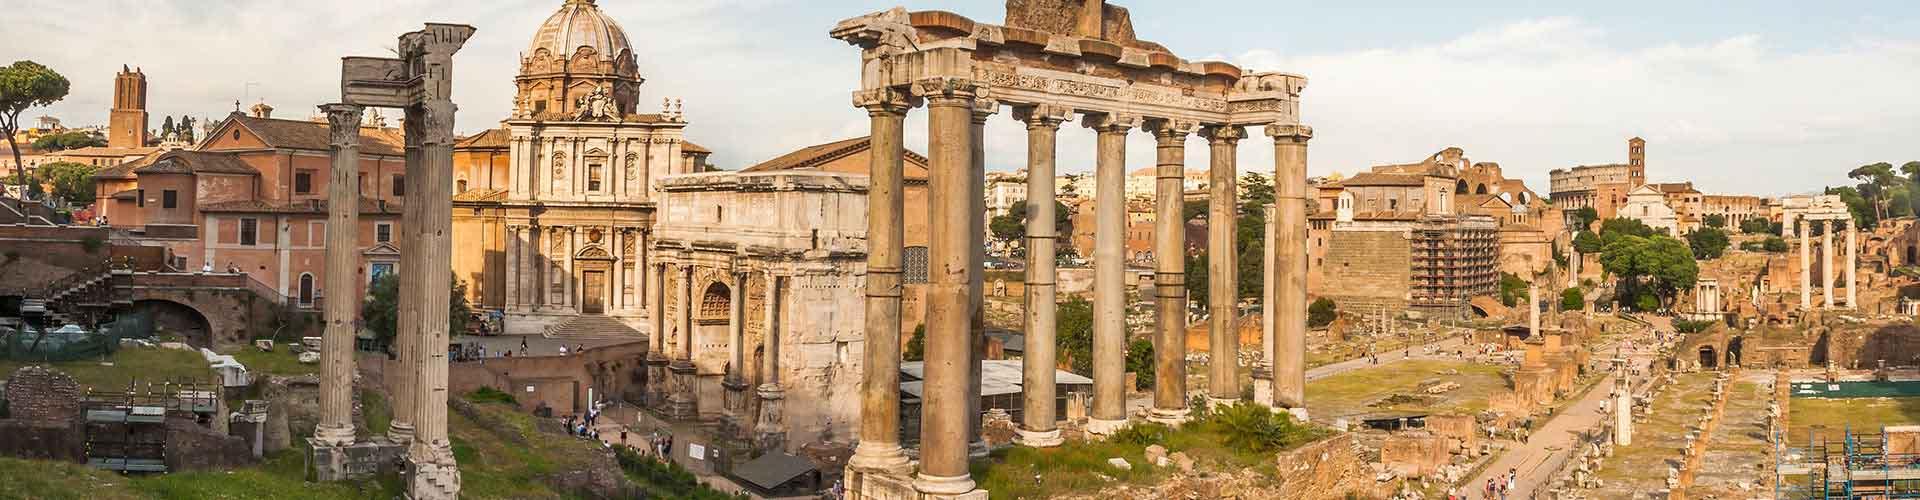 Řím - Hostelů v blízkosti Forum Romanum. Mapy pro Řím, fotky a recenze pro každý hostel v Řím.